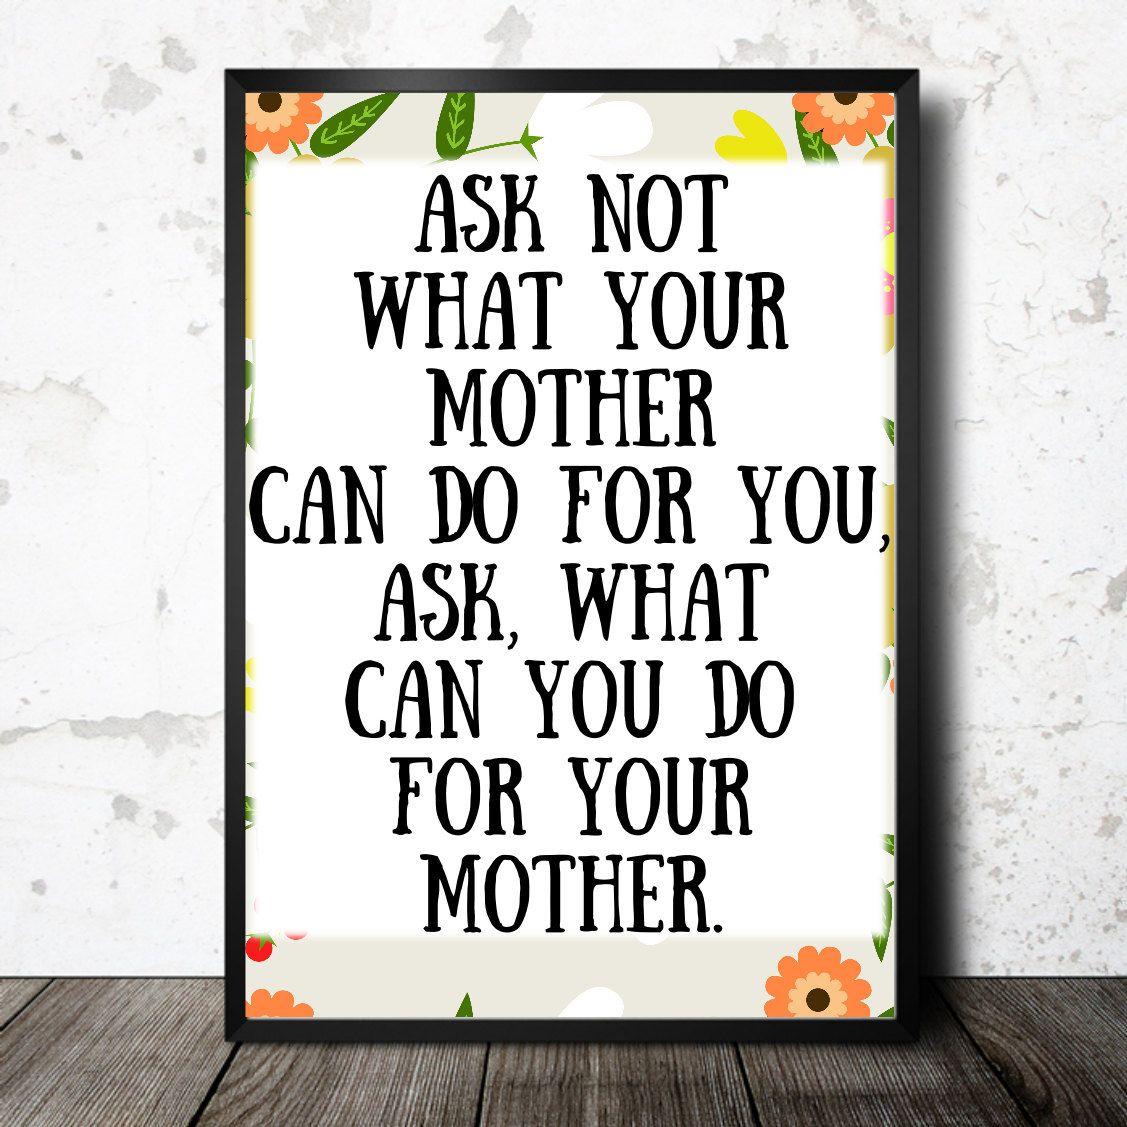 Funny mothers day printable haha printable mom gift